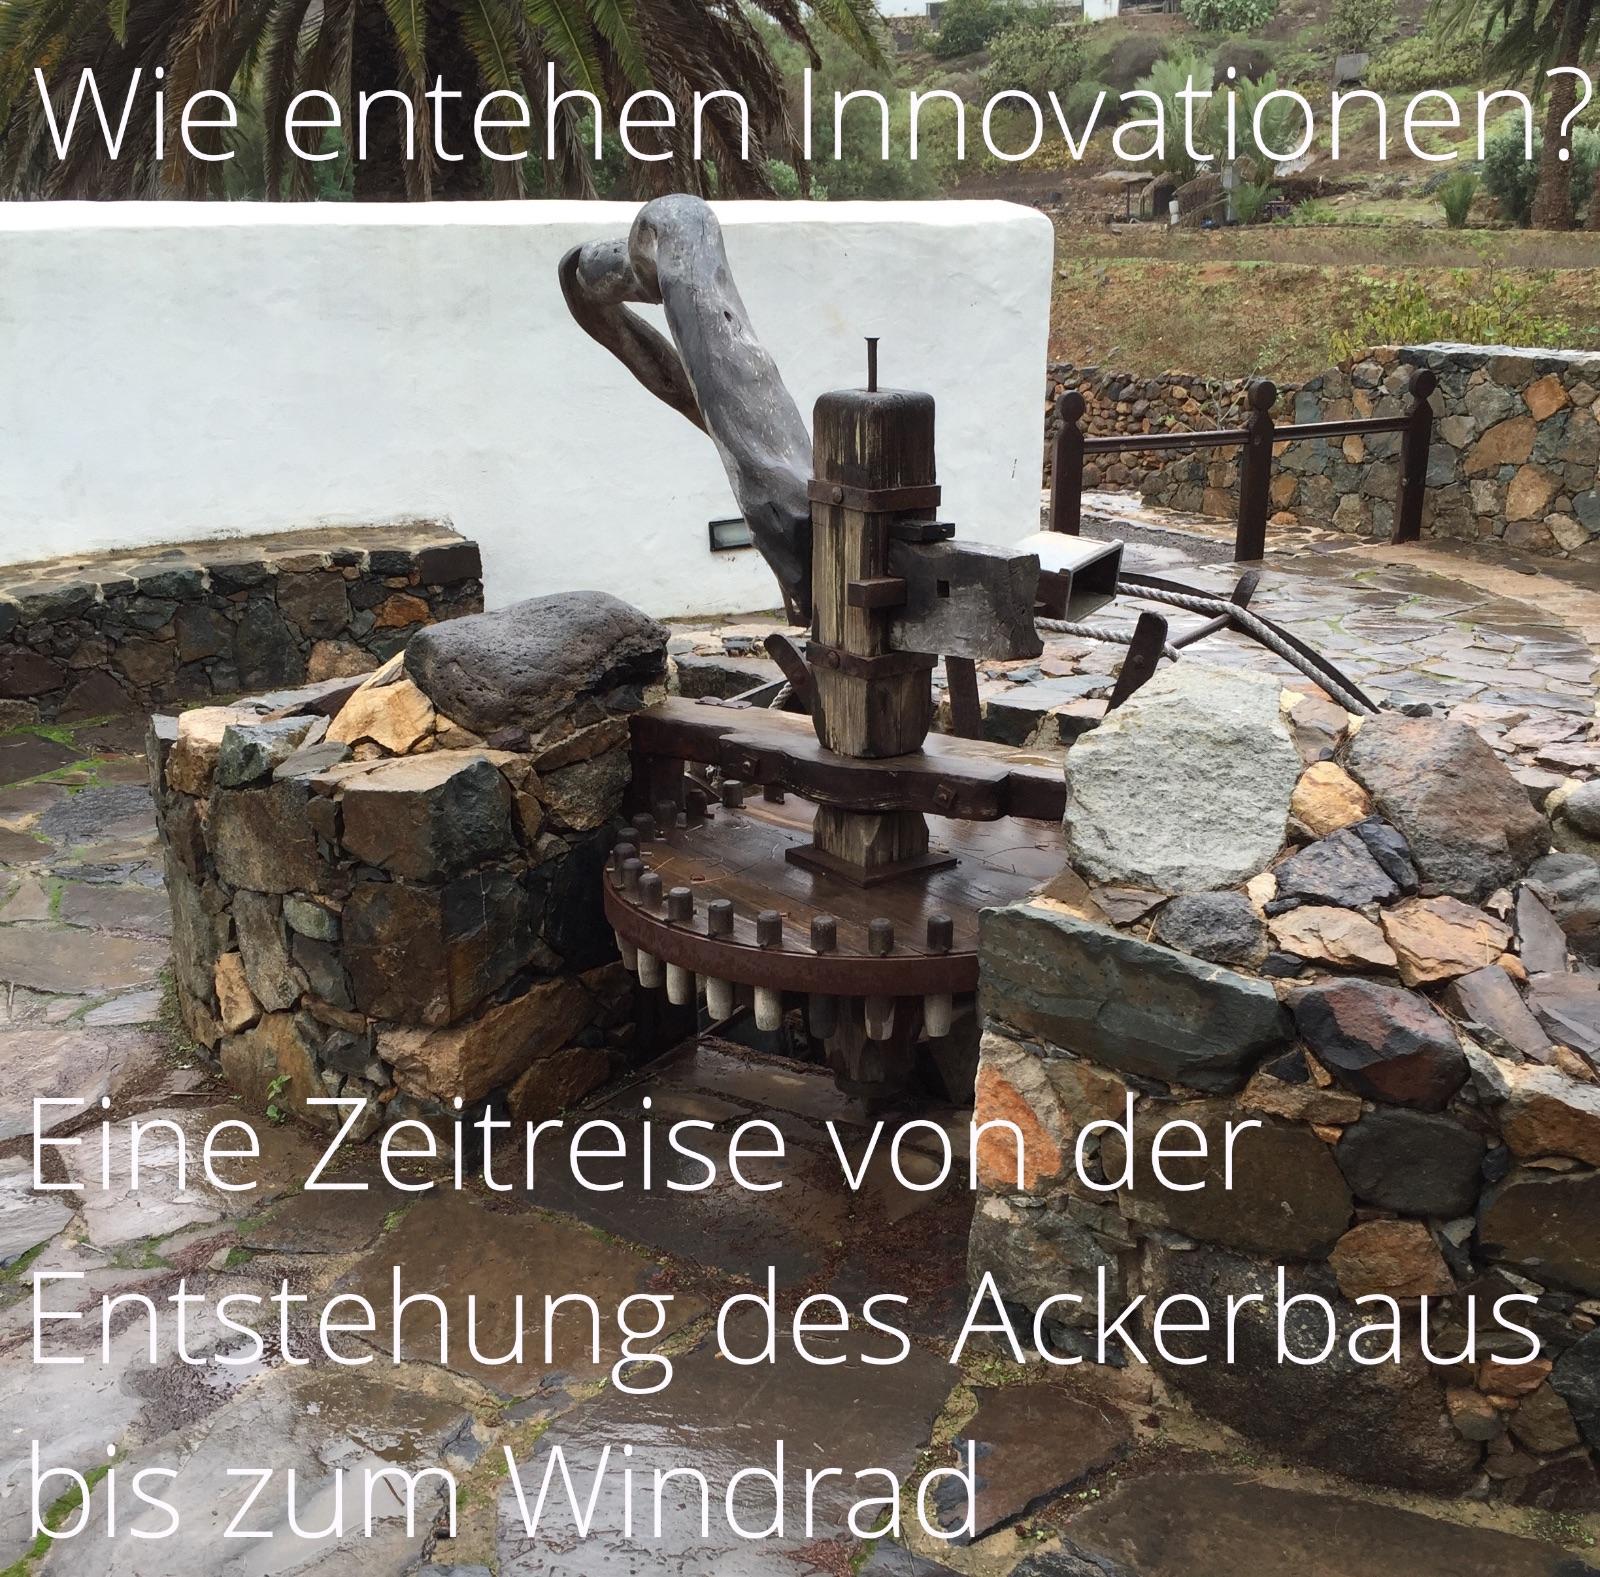 Innovation in der Geschichte am Beispiel Getreide, Mehl, Brot bis hin zum Windrad